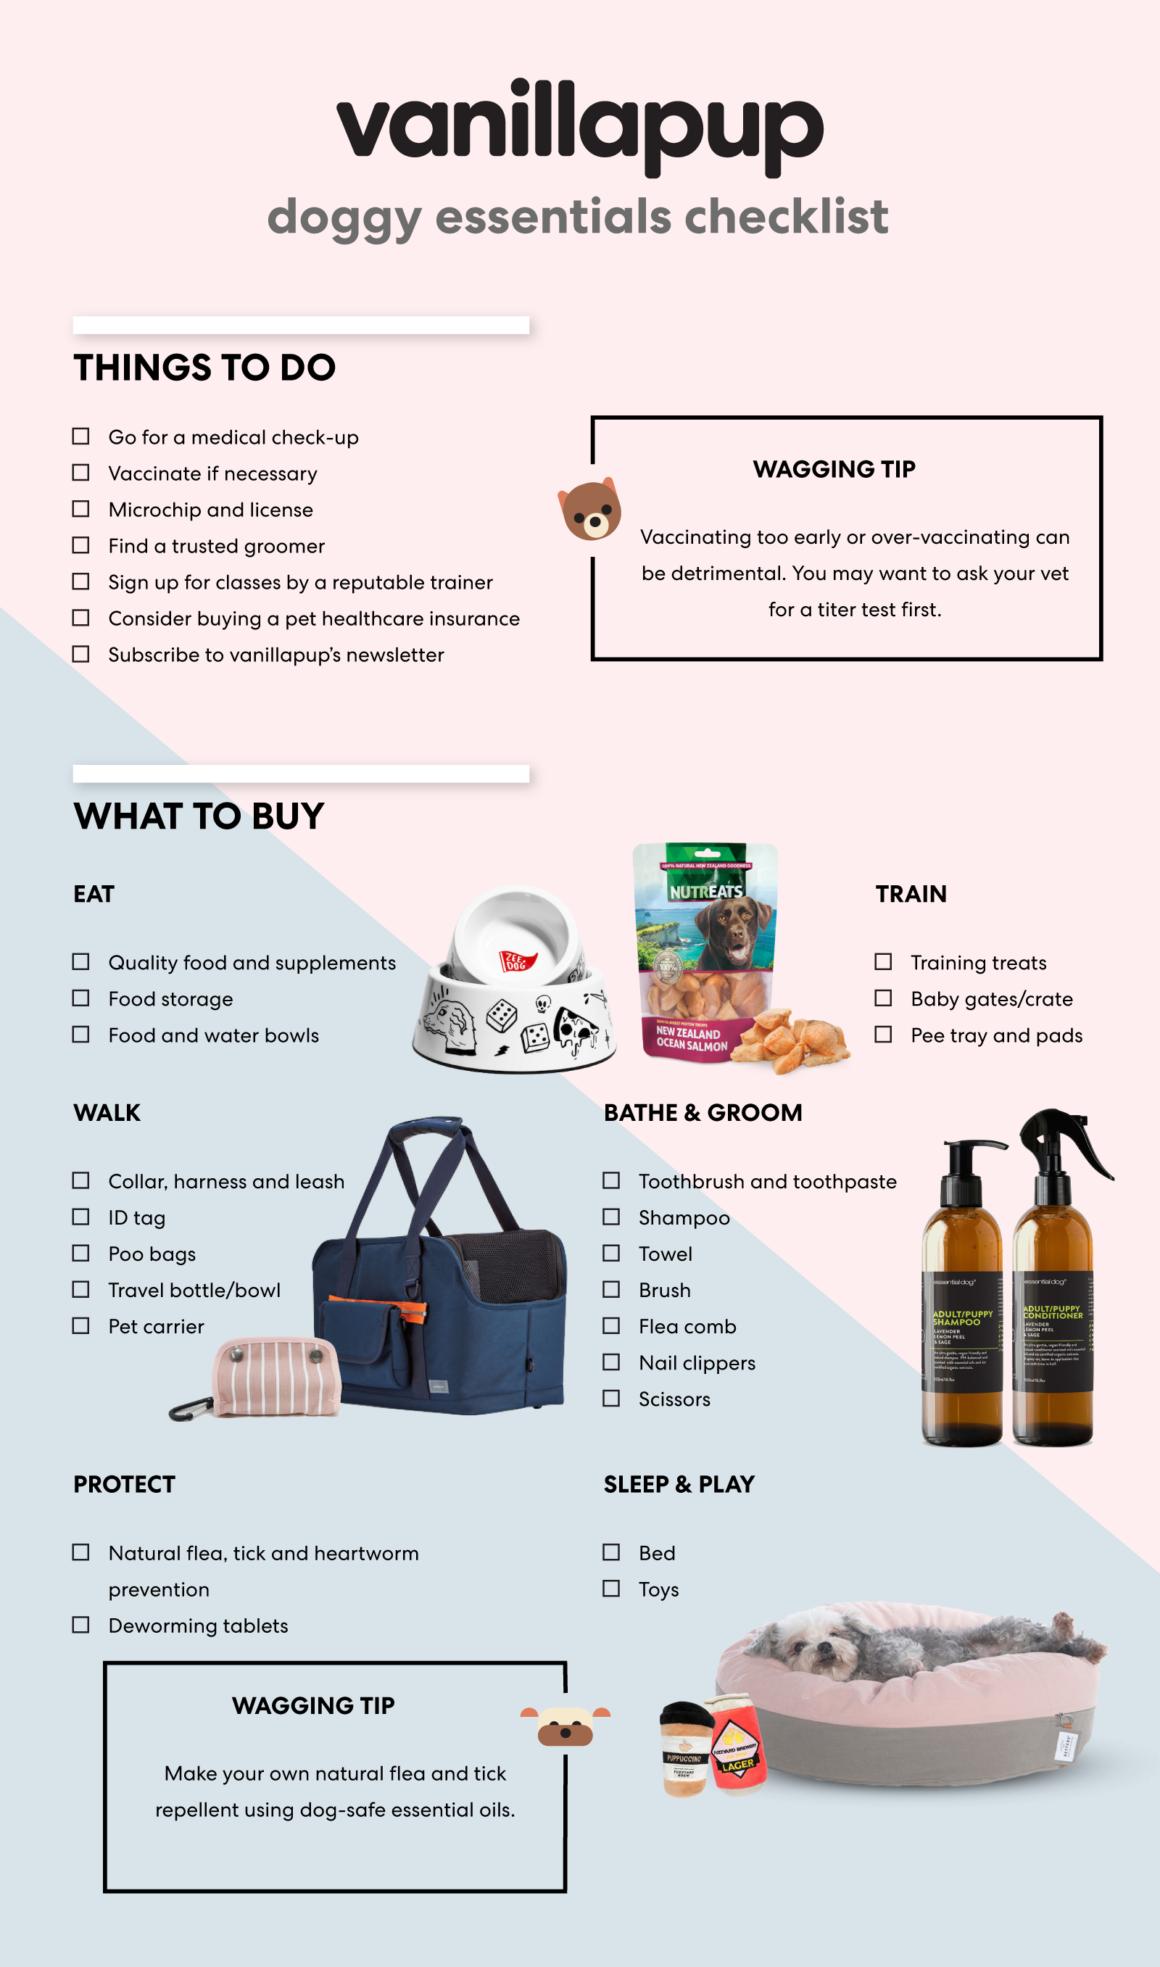 Dog Essentials Checklist (With images) Dog essentials